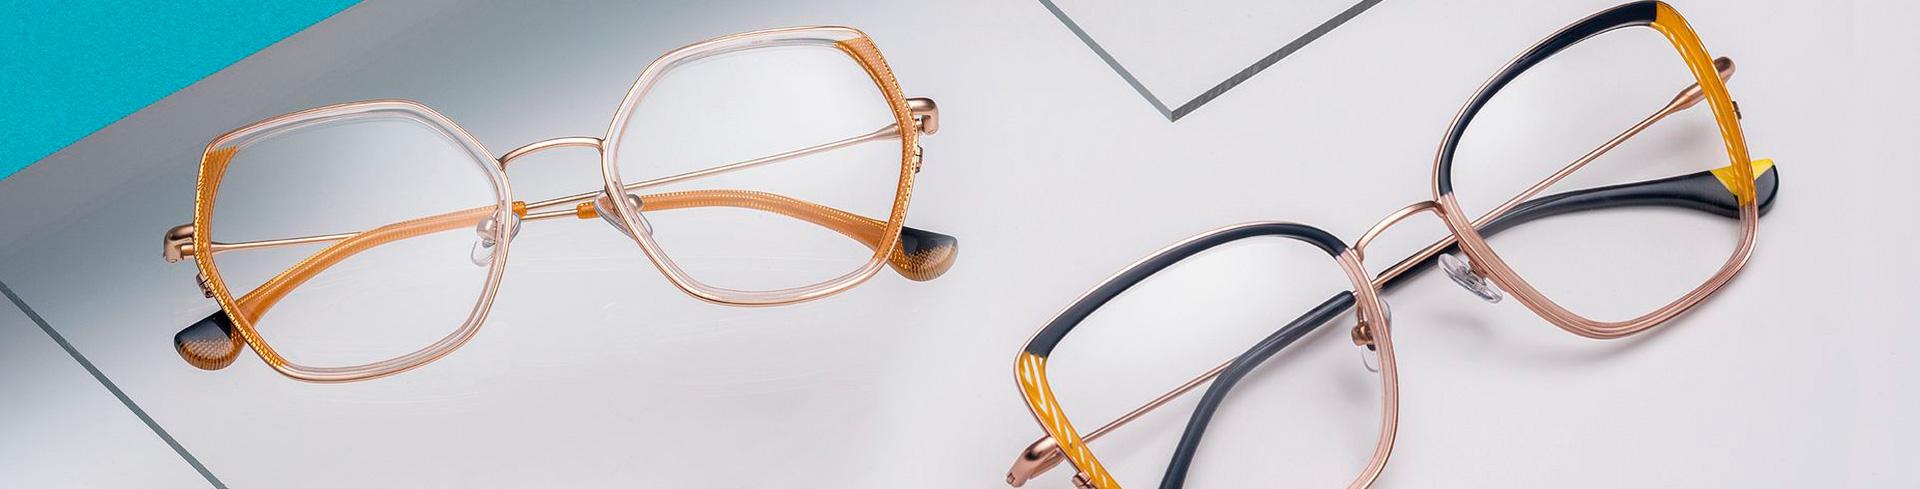 Kevään silmälasimuoti – <br>Pehmeän kulmikasta ja vintagea